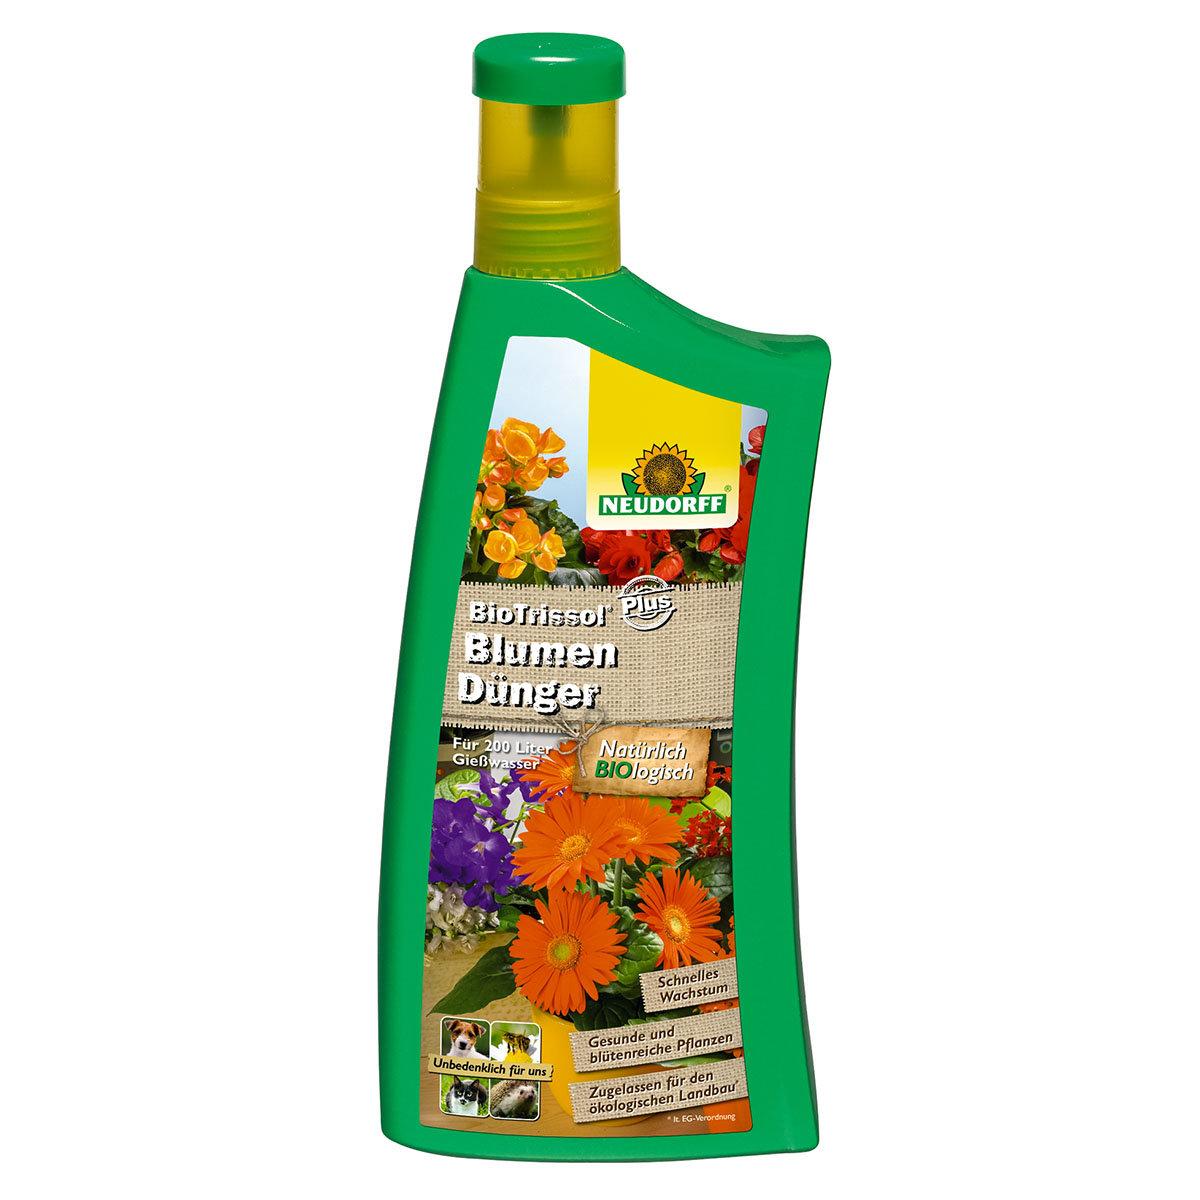 Neudorff BioTrissol Plus BlumenDünger, 1 Liter